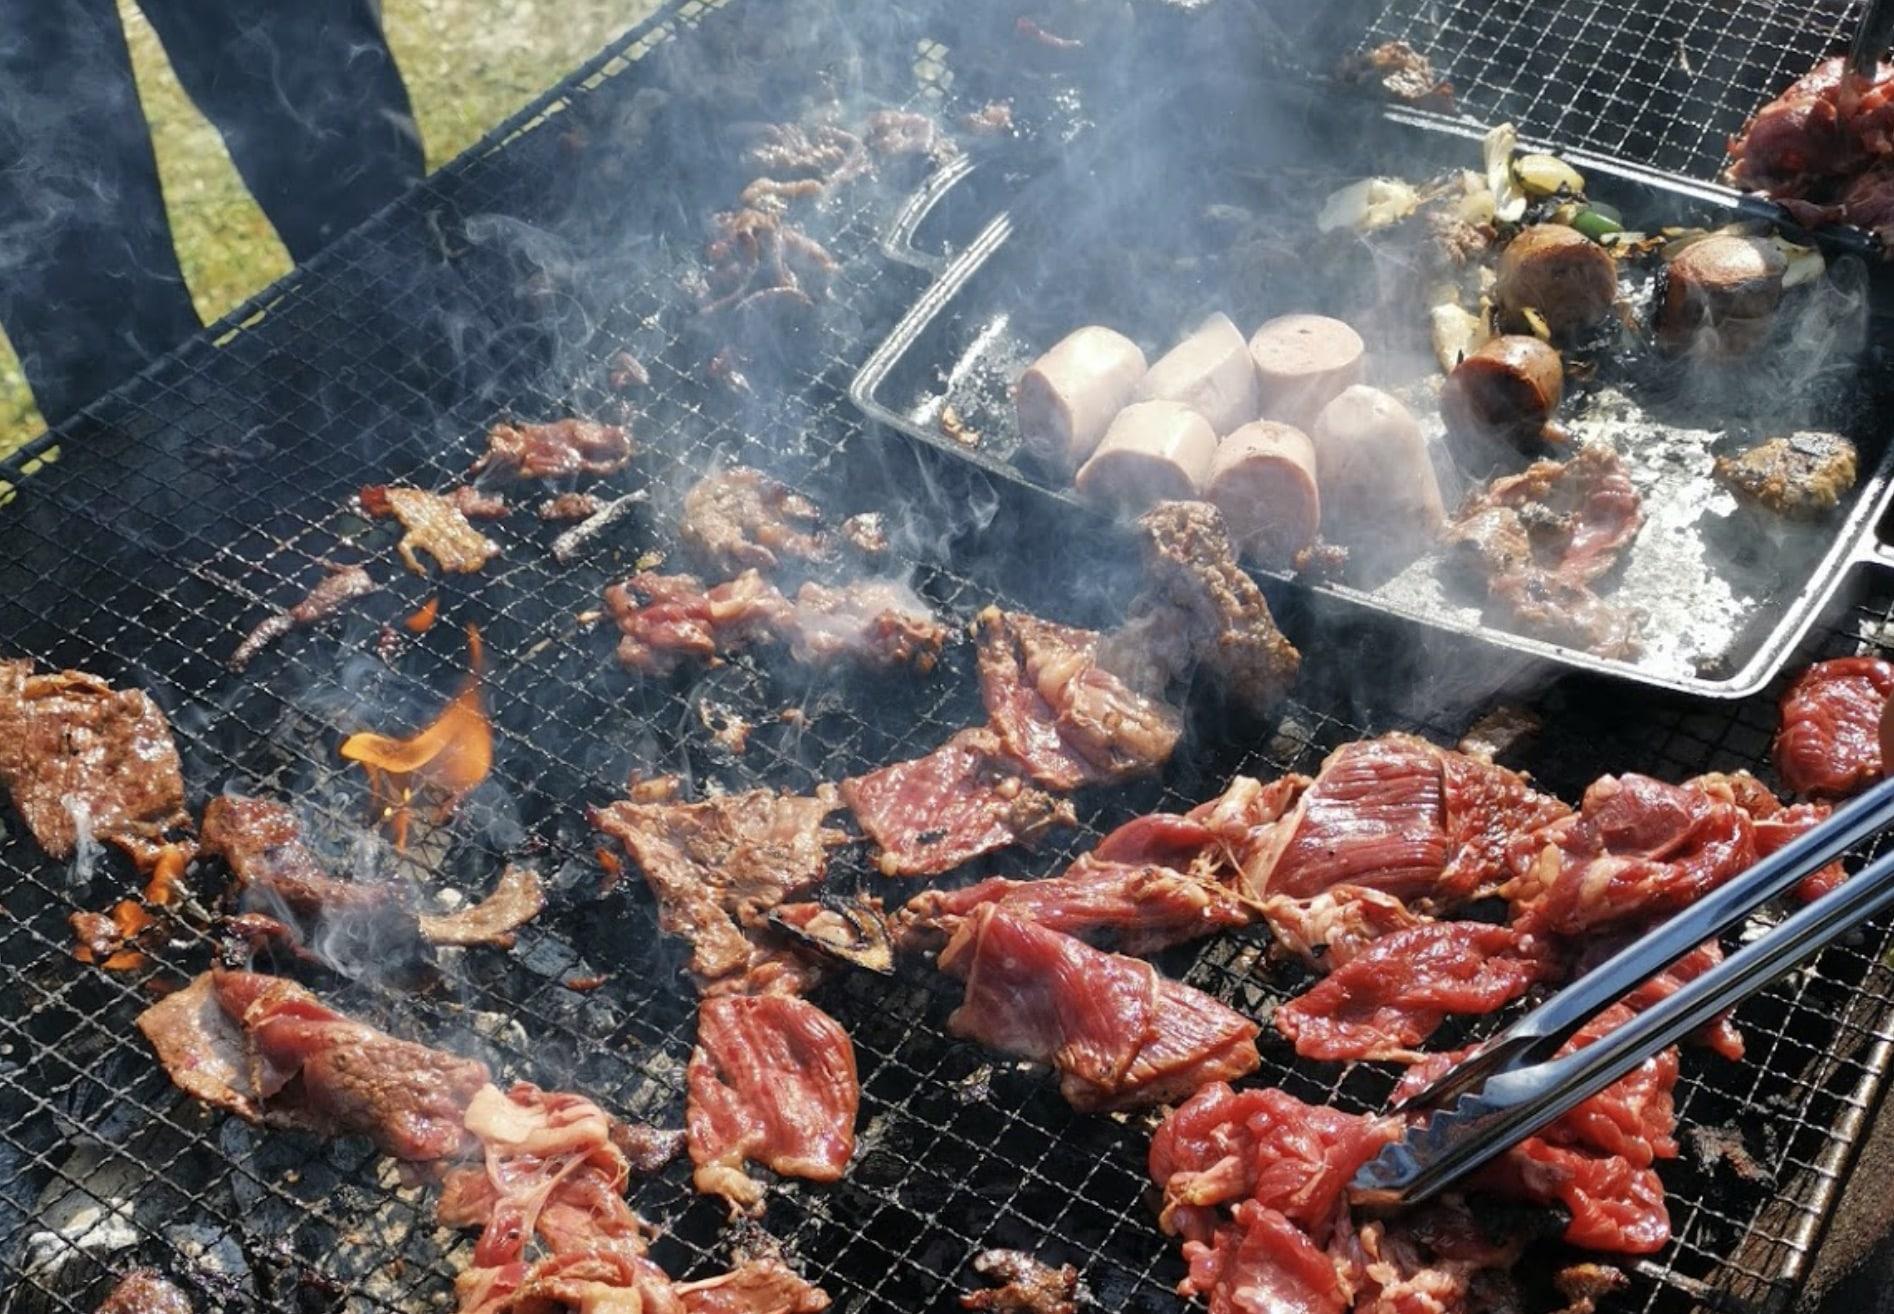 池田町ワイン祭りの道産牛食べ放題